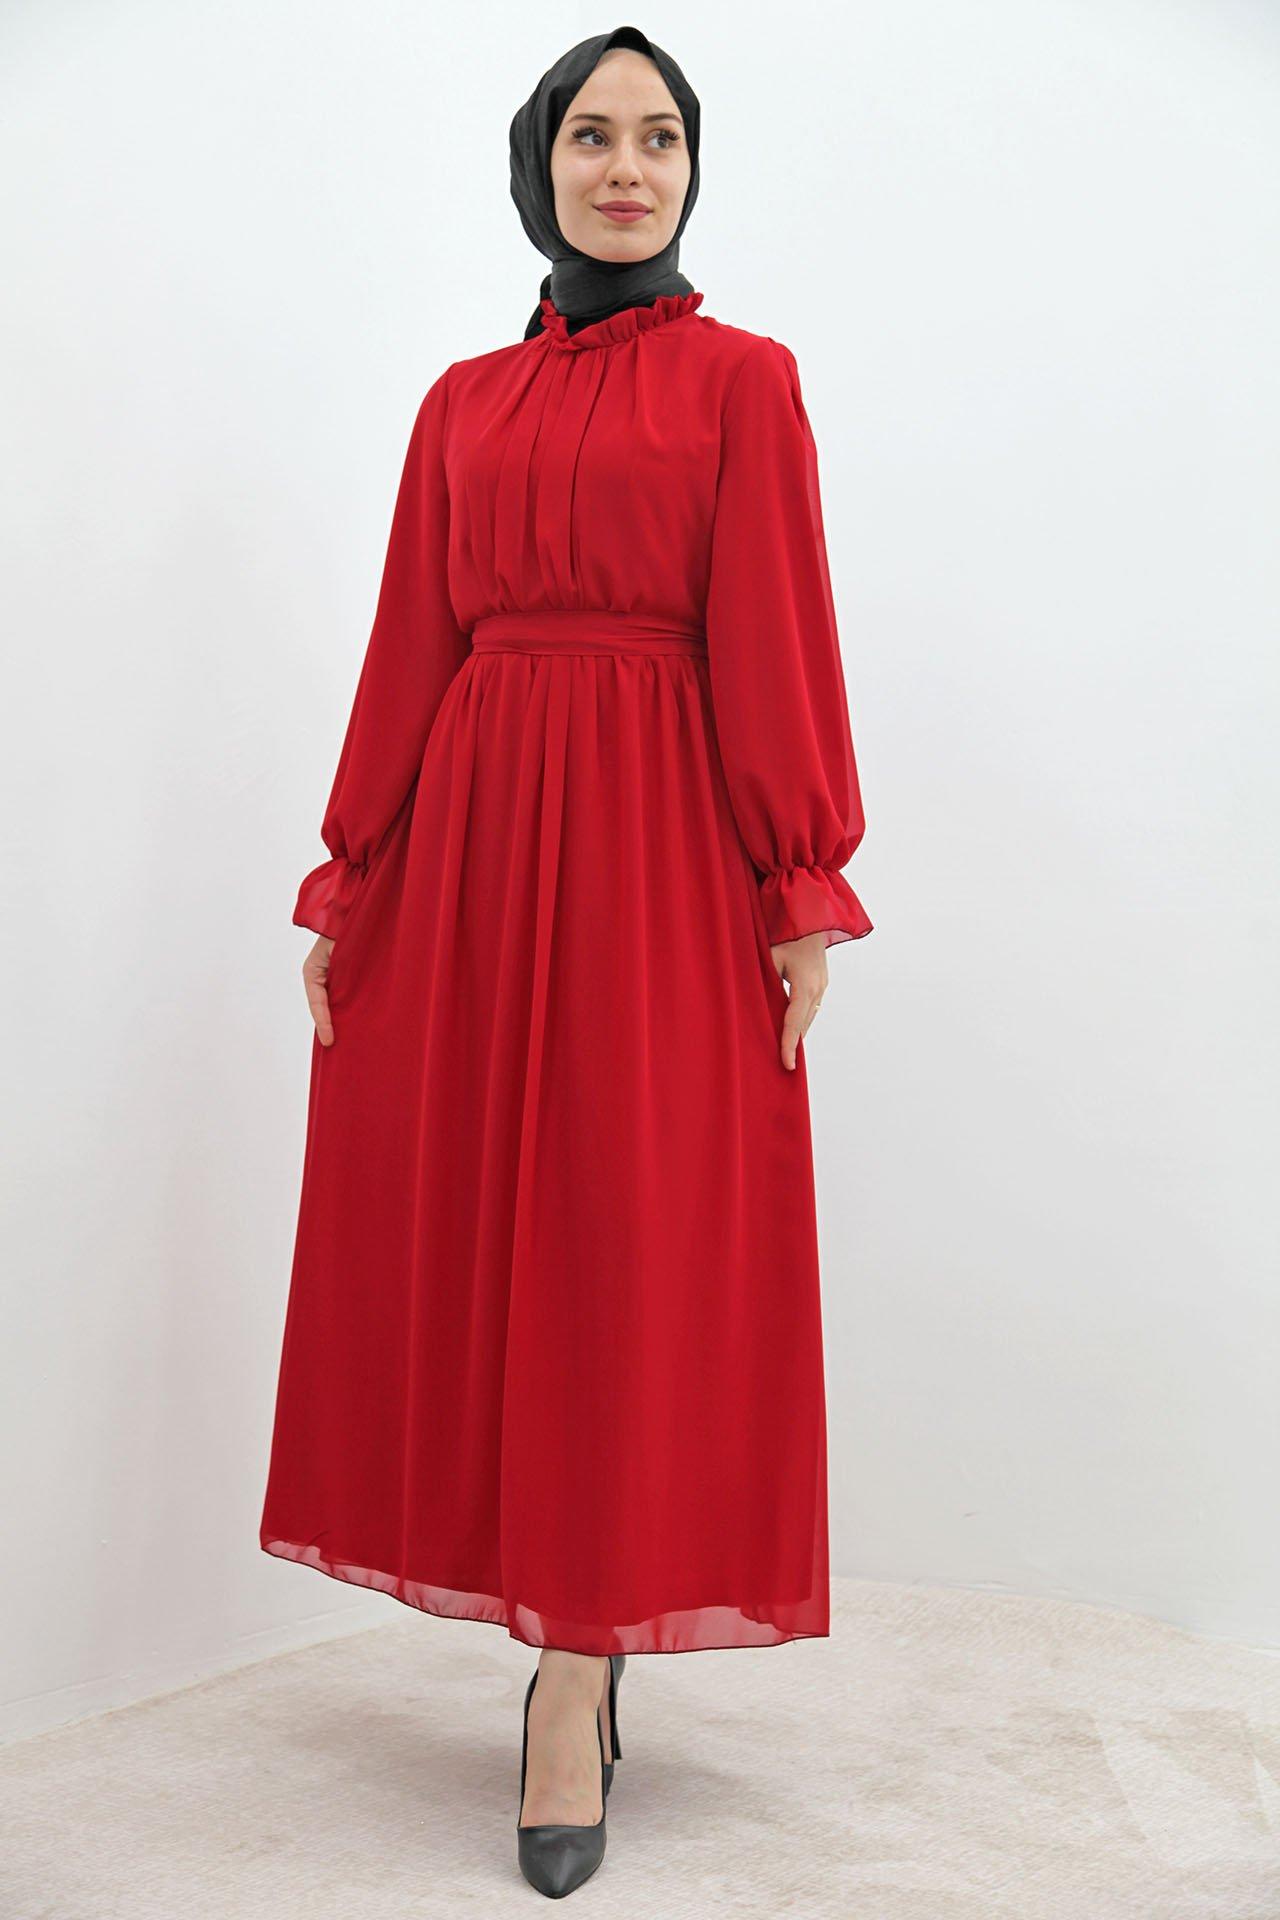 GİZAGİYİM - Kol Boyun Fırfır Tesettür Elbise Kırmızı